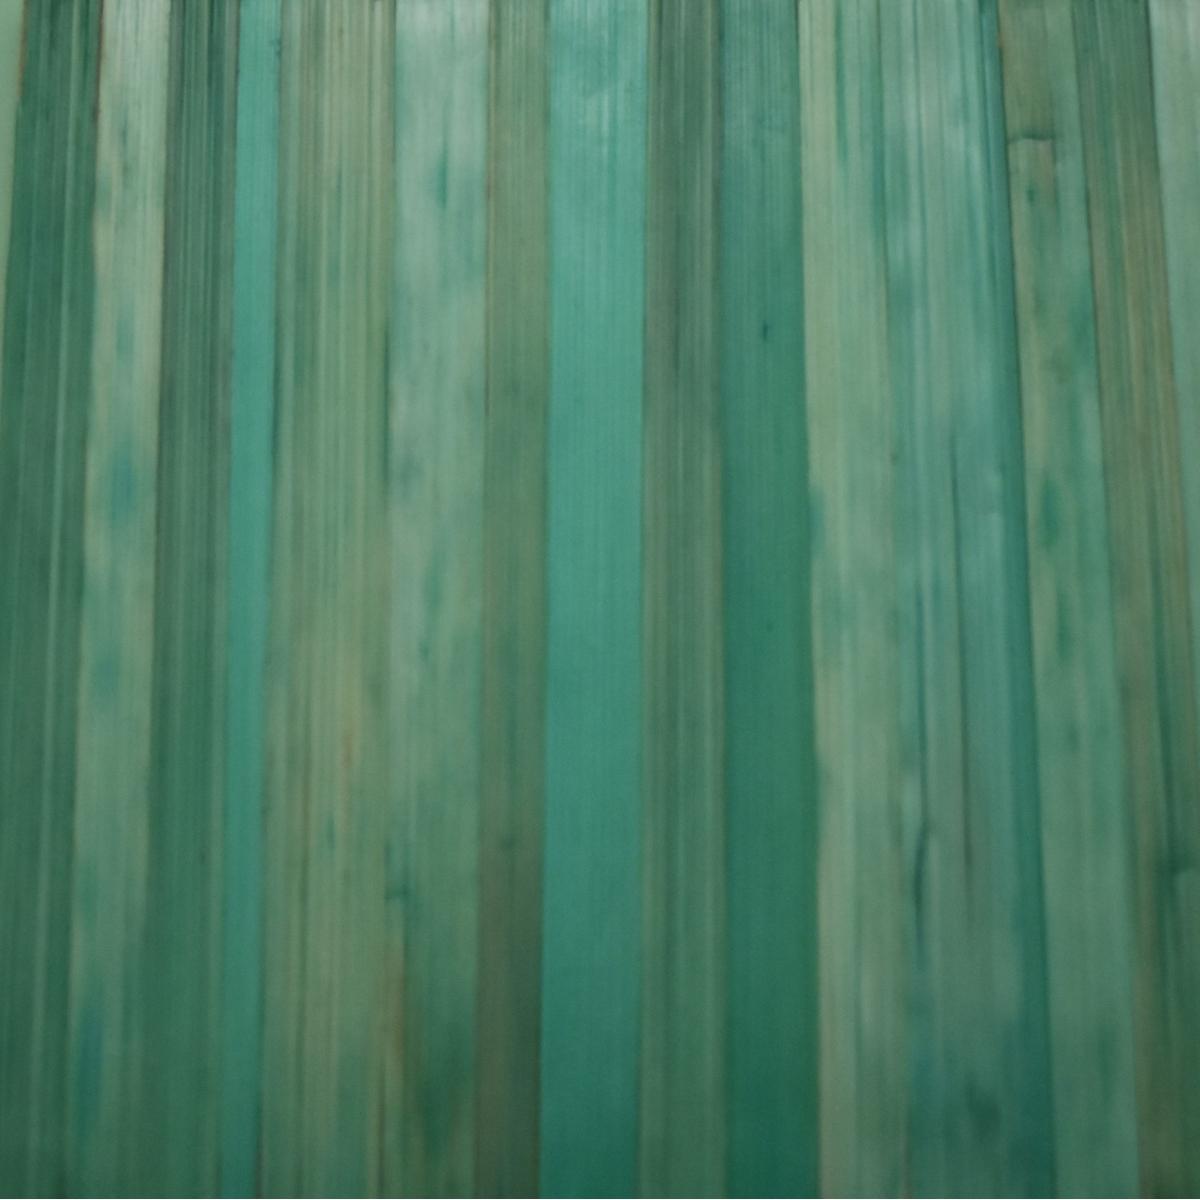 Couleur De L Emeraude paille de seigle - paille de seigle couleur vert émeraude